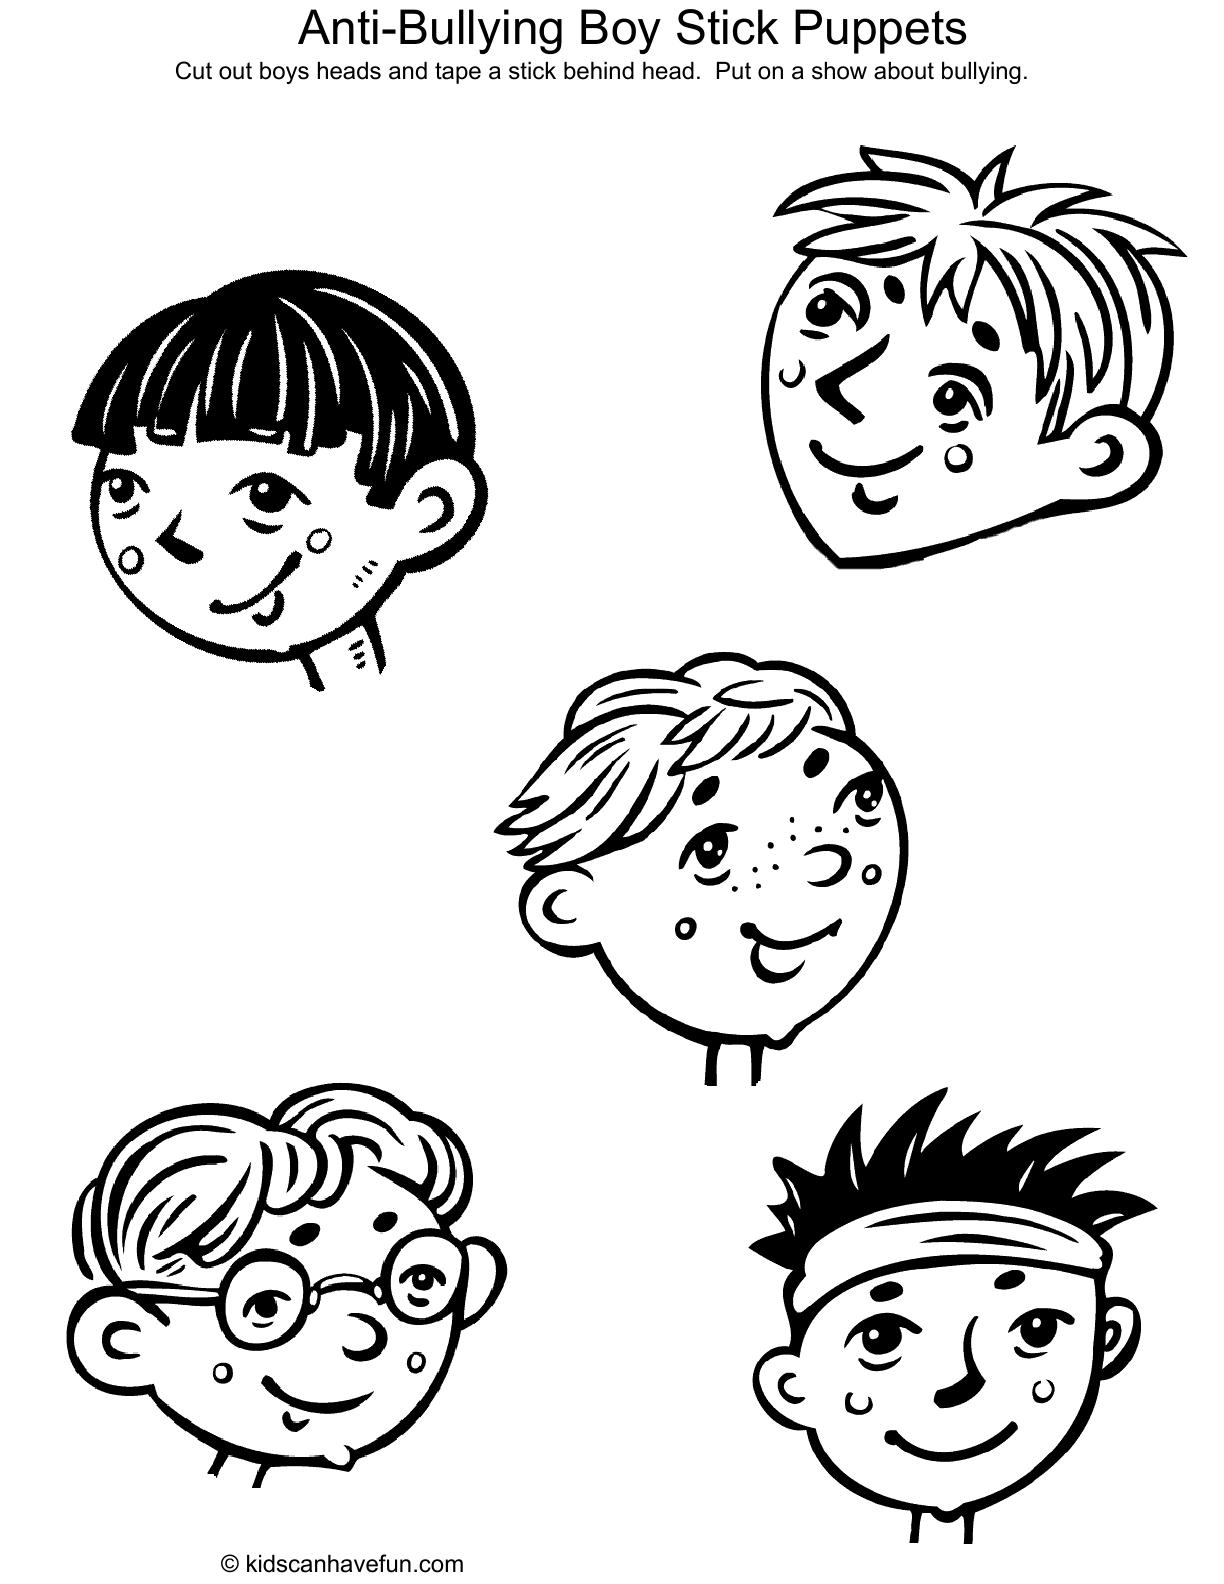 Anti Bullying Boy Stick Puppets